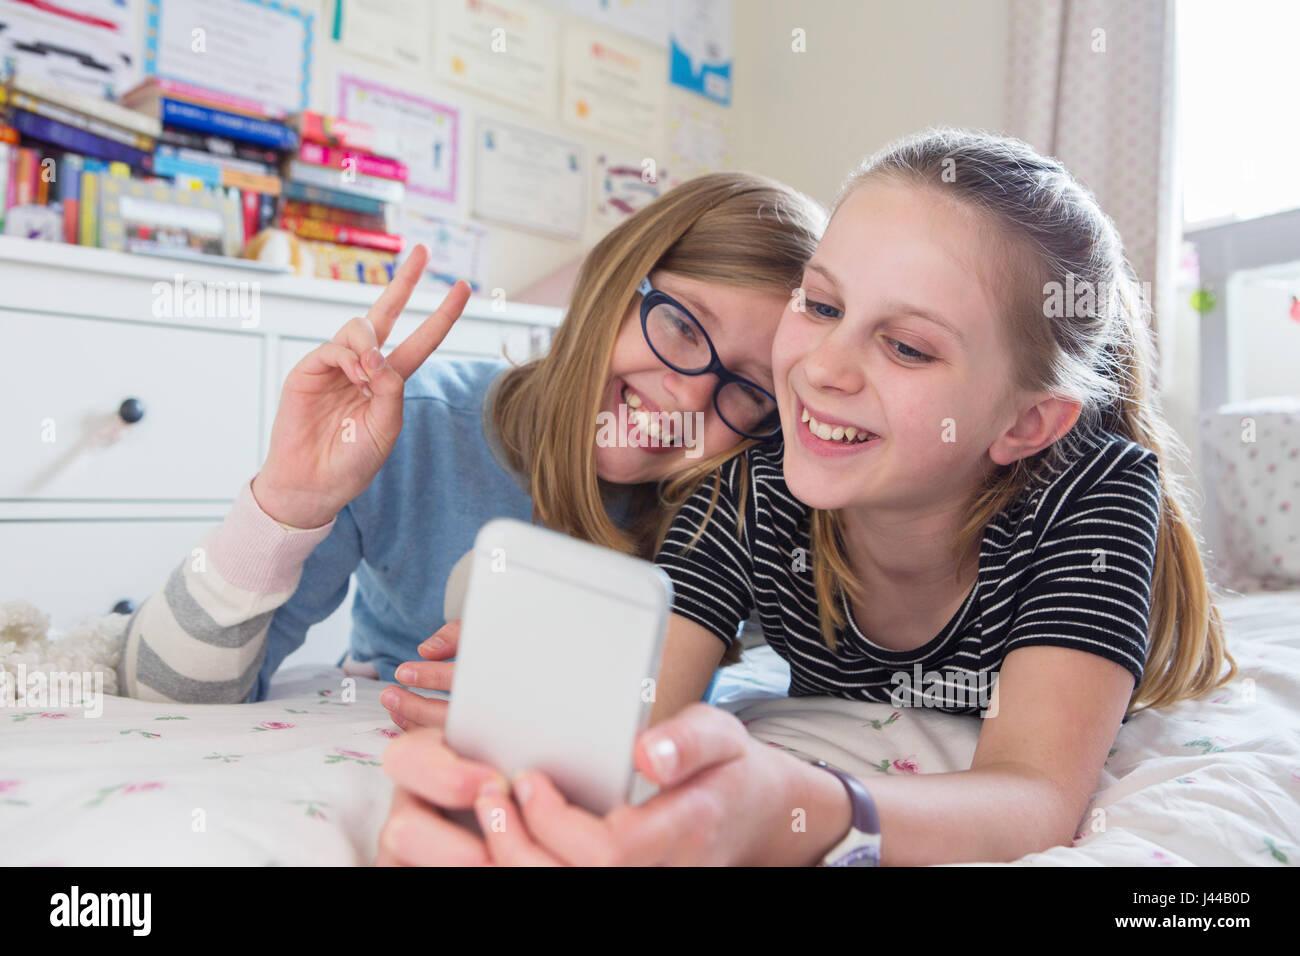 Dos jovencitas posando para Selfie en dormitorio Imagen De Stock